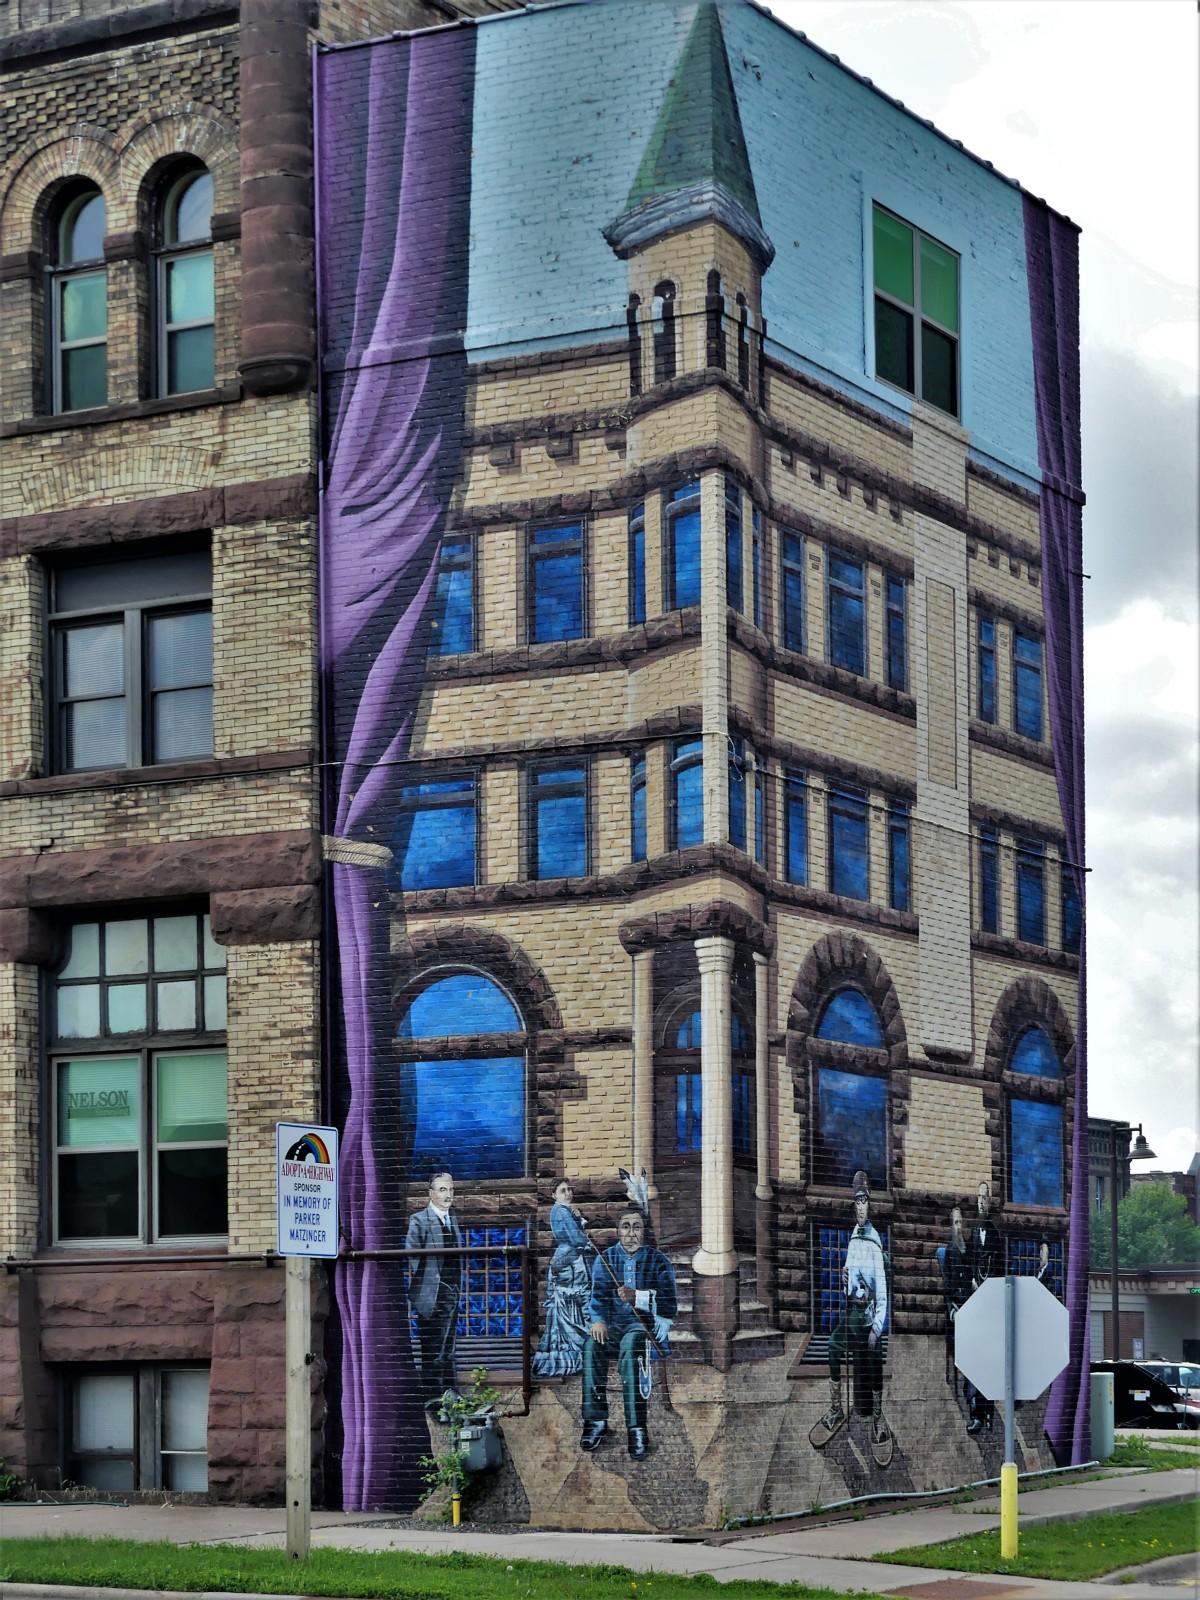 Corner mural